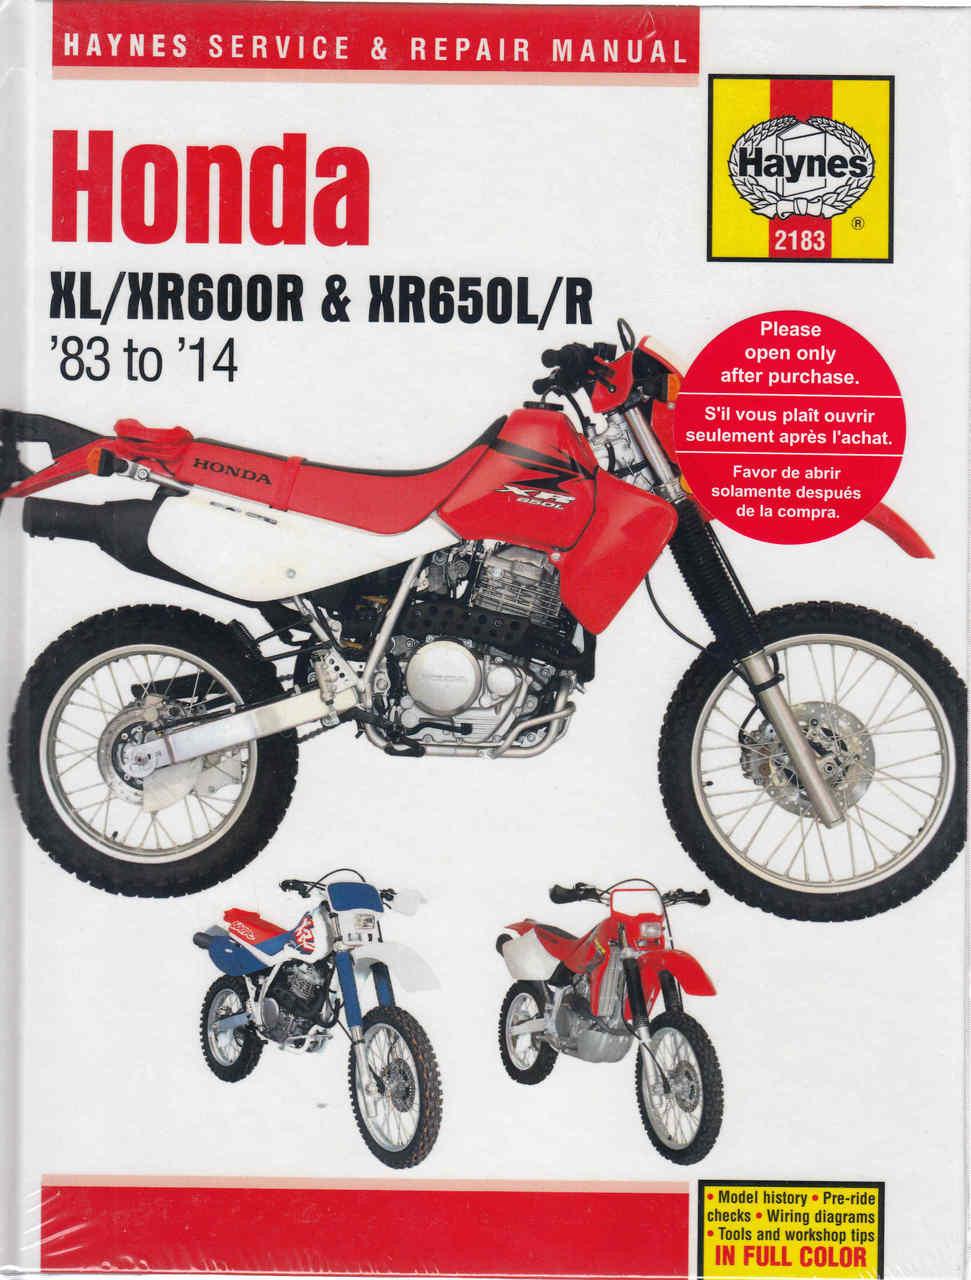 buy honda xl600r xr600r xr650l xr650r 1983 2008 workshop manual rh automotobookshop com au honda xr650r service manual honda xr600 service manual